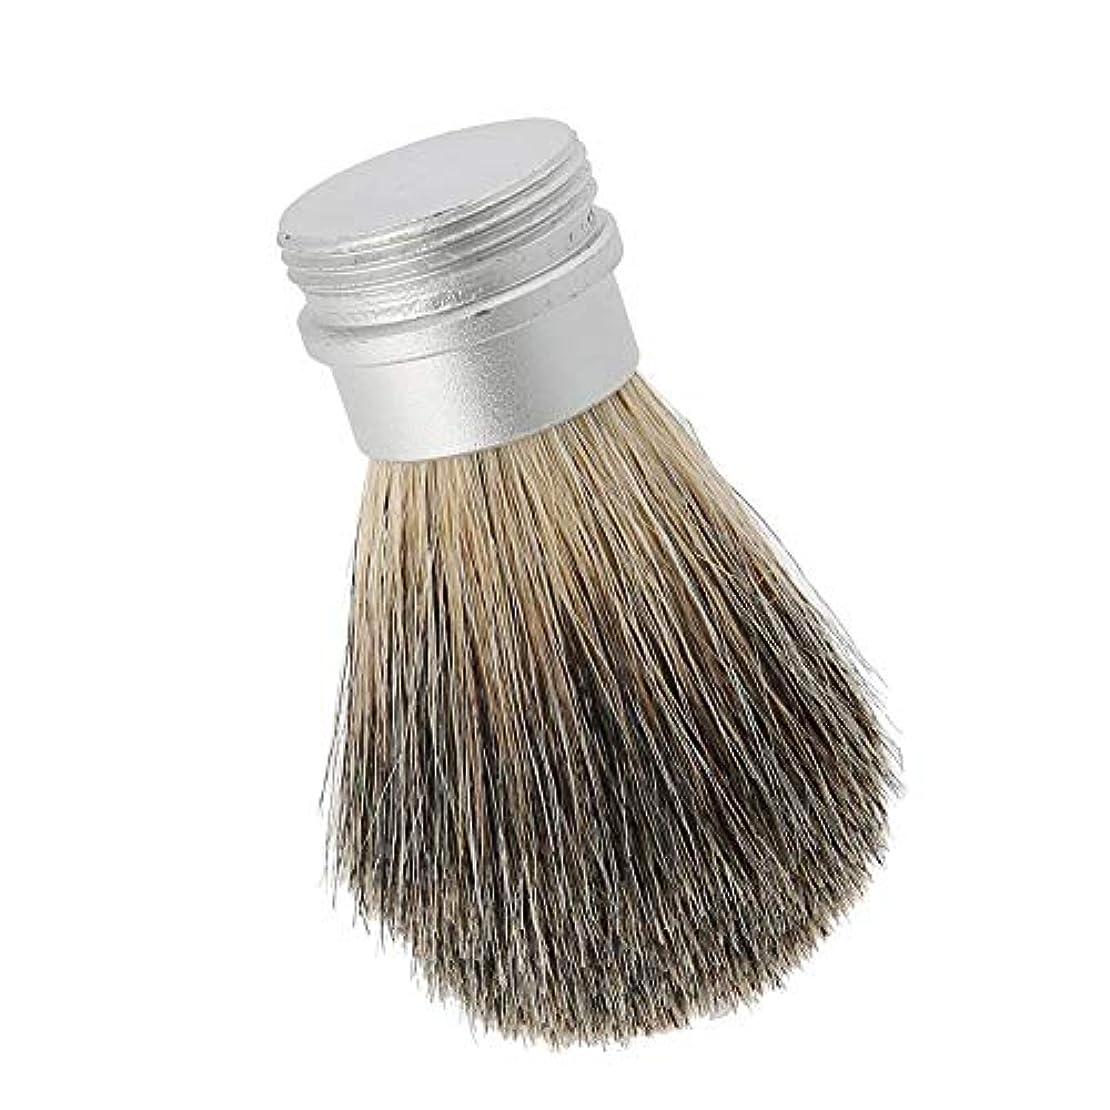 瞳反論ヘクタールひげブラシひげ剃りツールポータブルひげブラシ男性のための最高のヘアブラシ口ひげブラシ